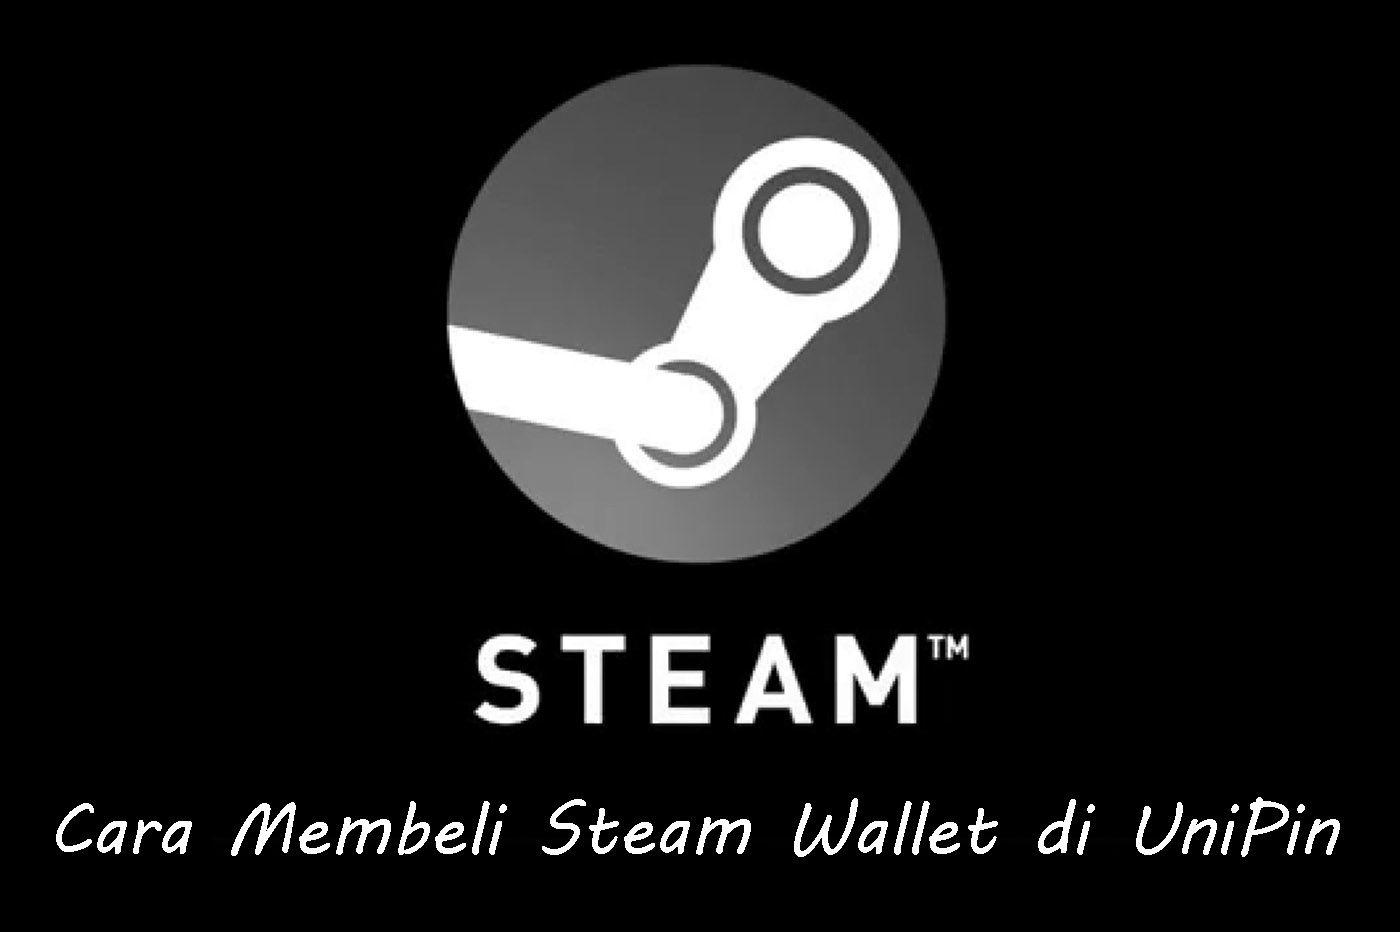 Cara-Membeli-Steam-Wallet-di-UniPin